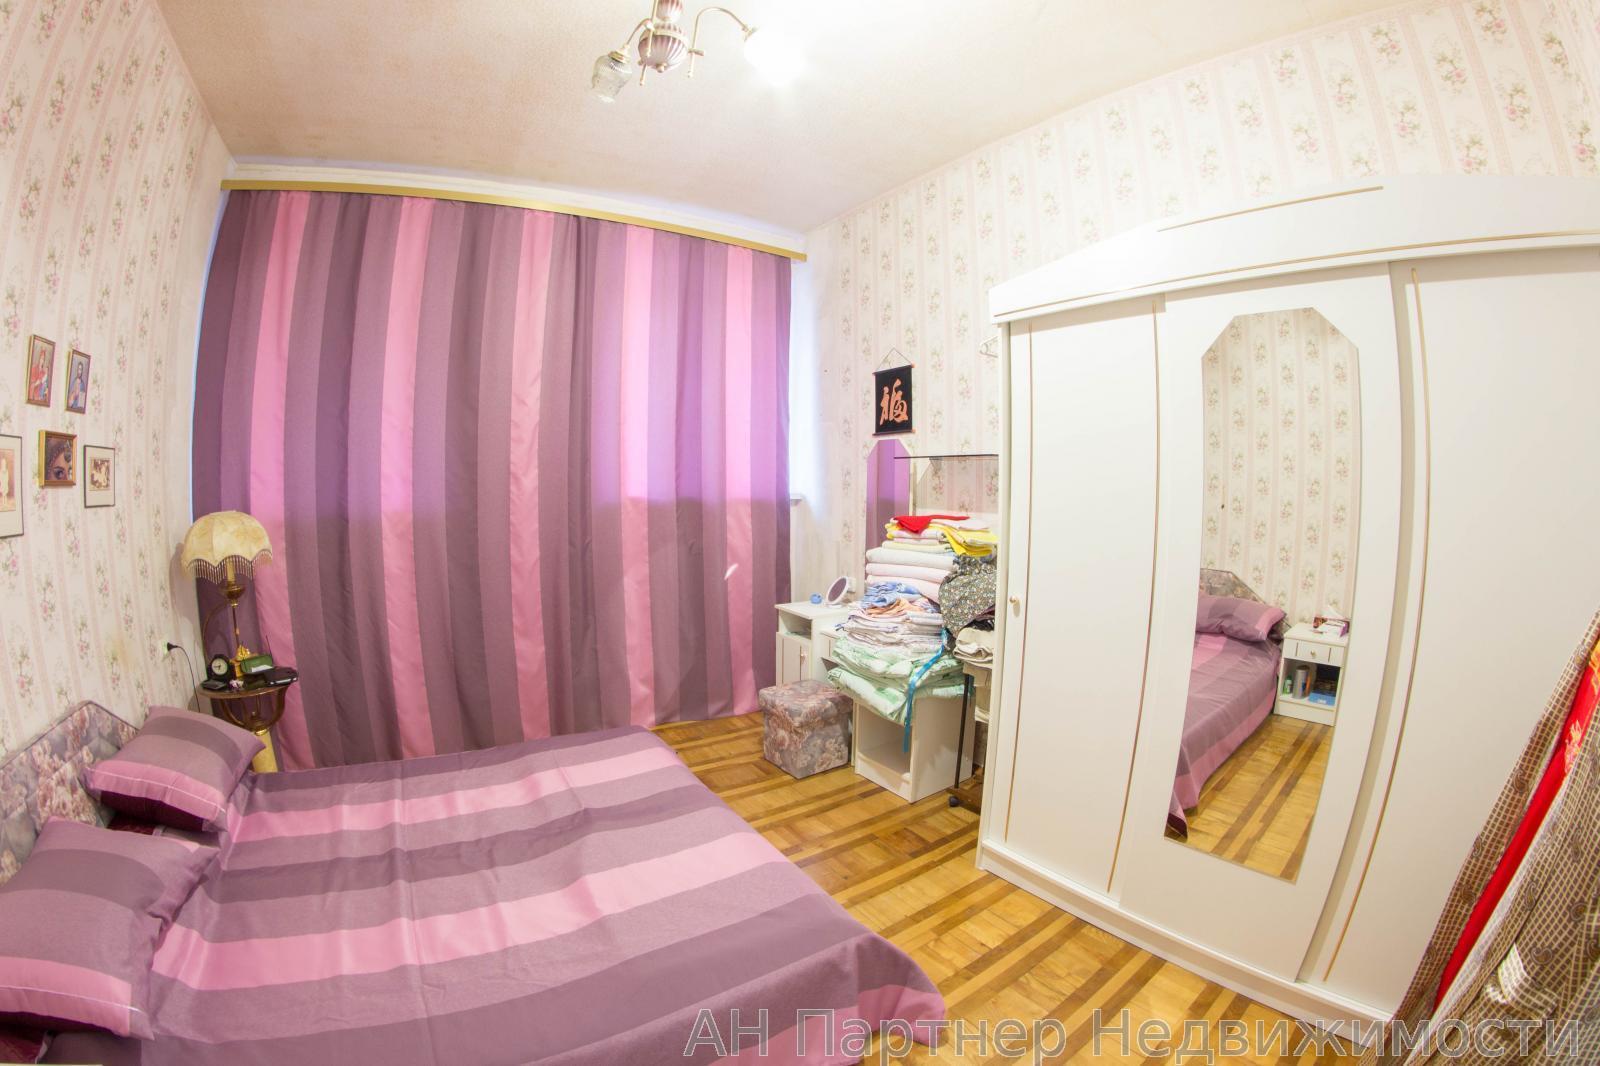 Продам квартиру Киев, Михайловская ул. 4